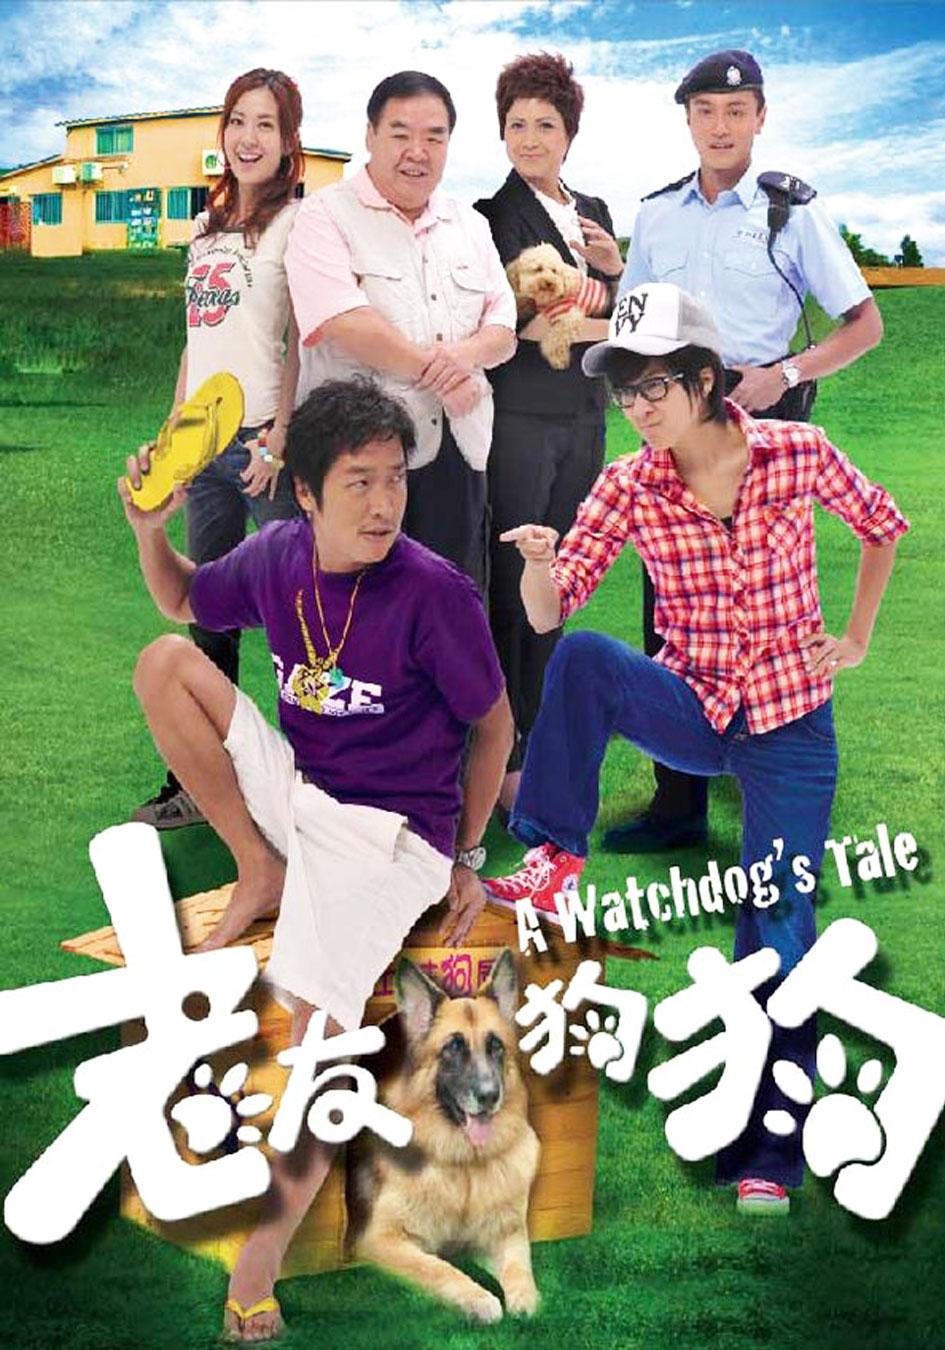 老友狗狗-A Watchdog's Tale